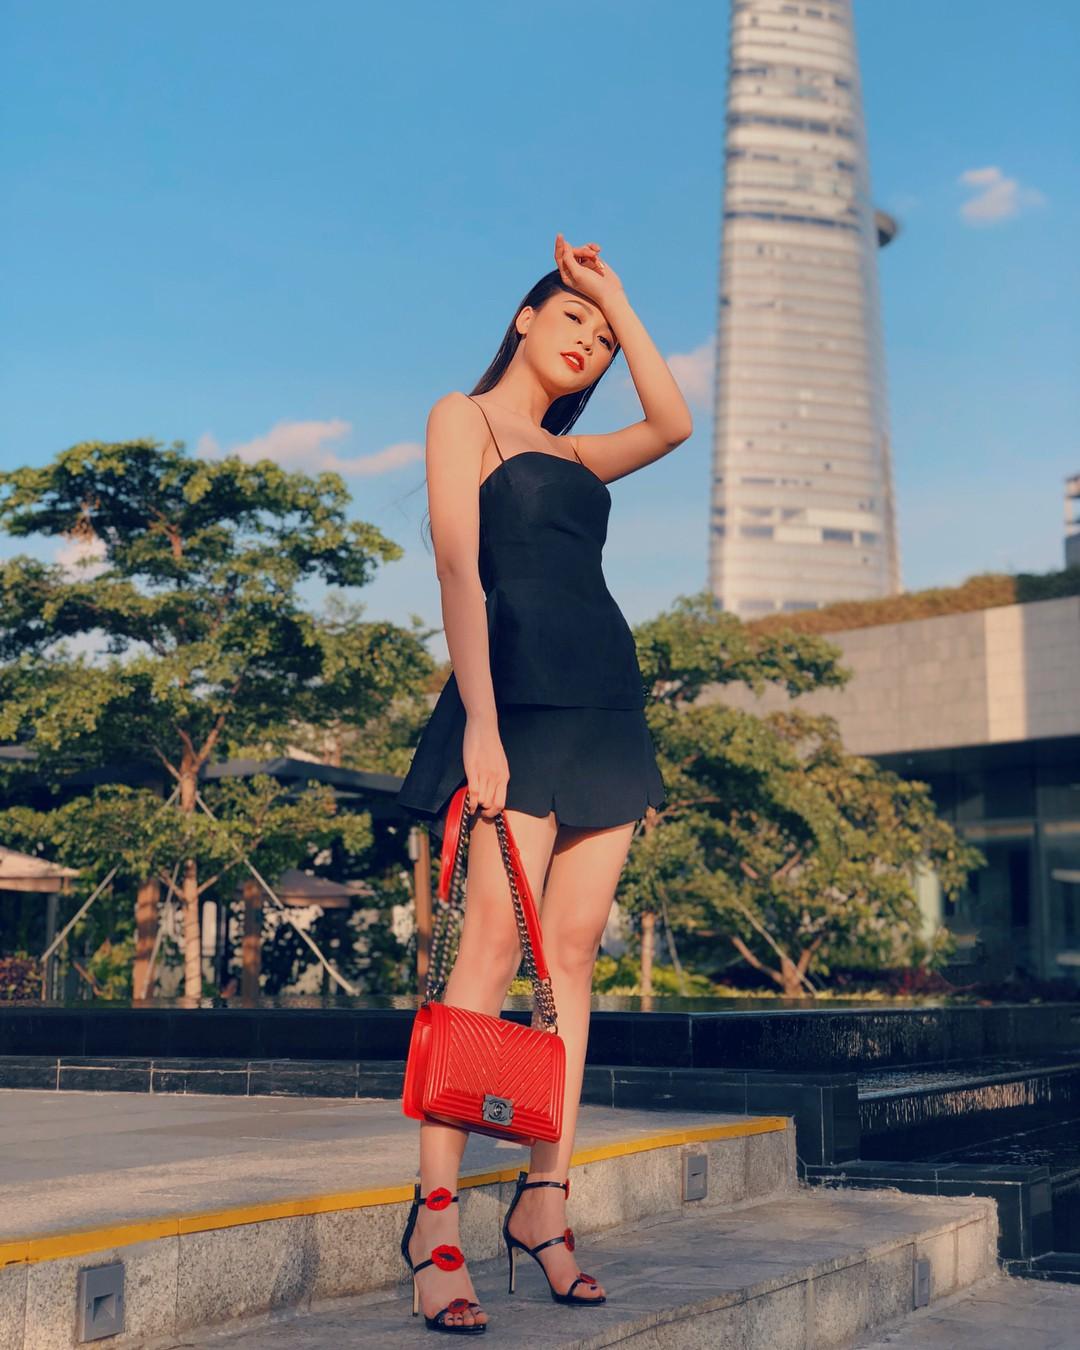 Gợi ý từ nàng Sam siêu 'nghiện' váy: 5 thiết kế sẽ đưa các cô nàng từ thái cực trẻ trung hack tuổi đến sang chảnh - Ảnh 9